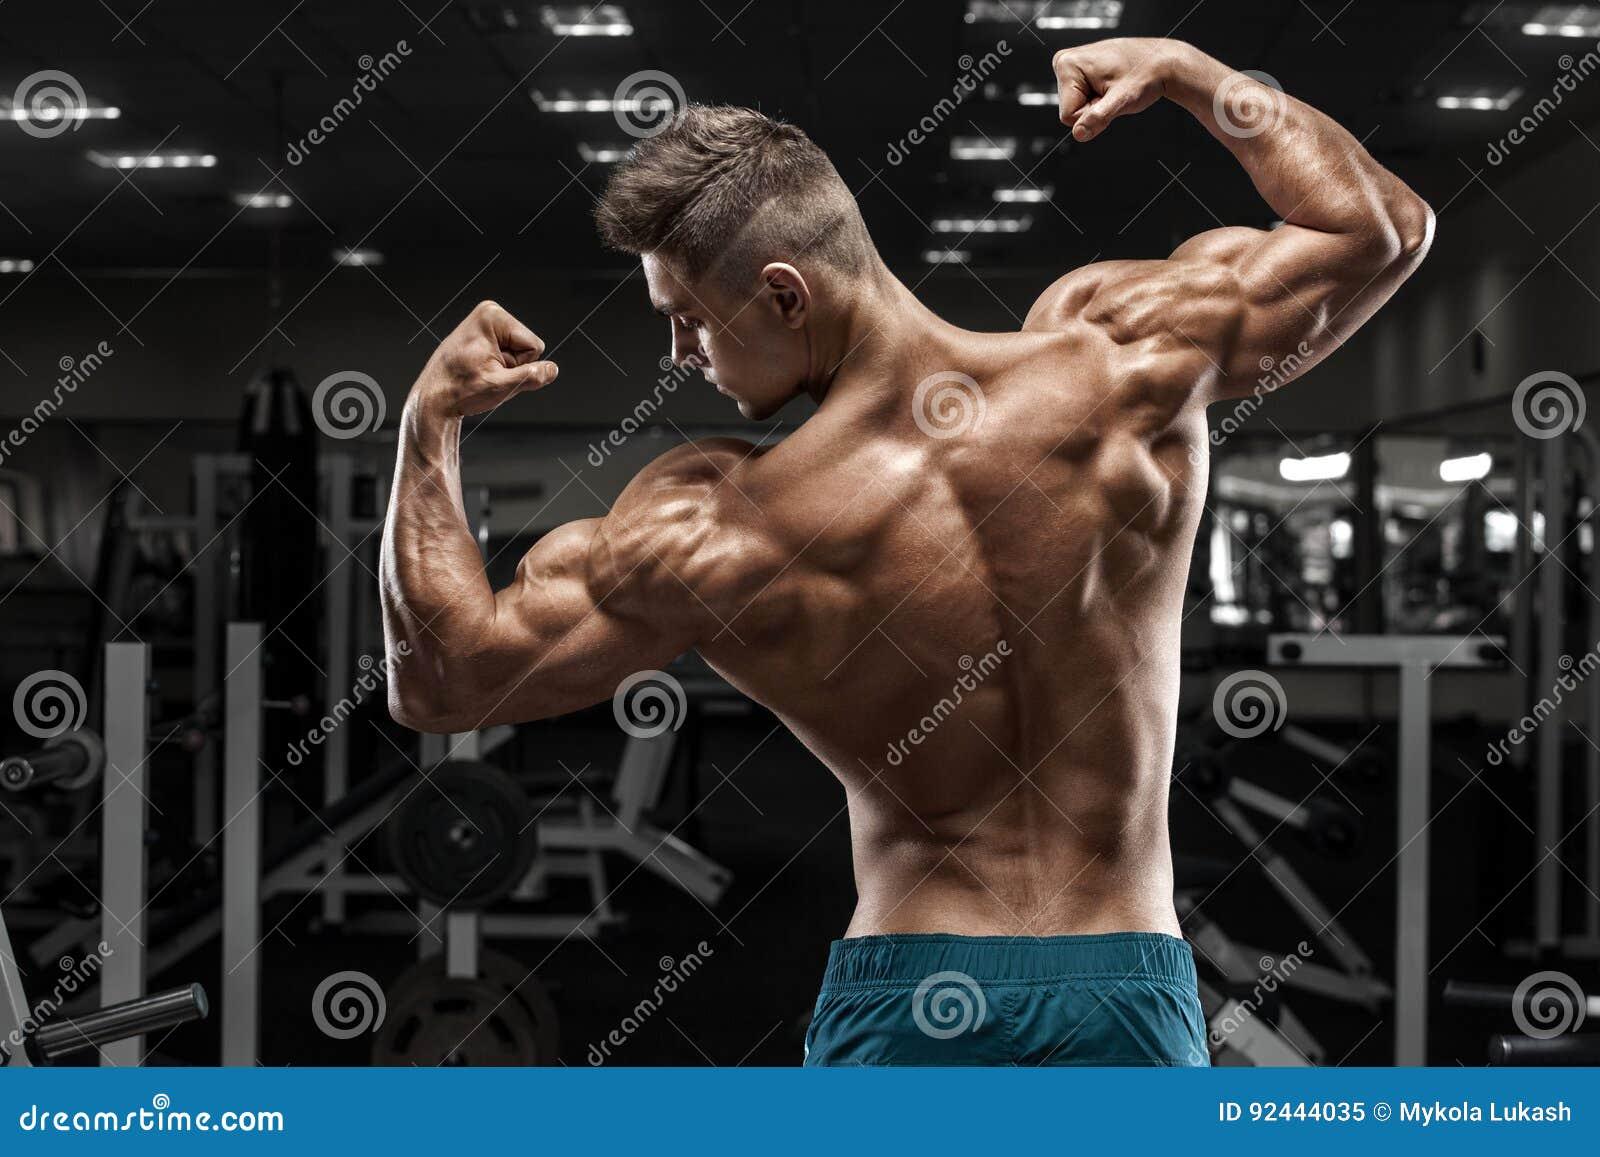 Οπισθοσκόπος μυϊκή τοποθέτηση ατόμων στη γυμναστική, που παρουσιάζουν πίσω και τους δικέφαλους μυς Ισχυρός αρσενικός γυμνός κορμό